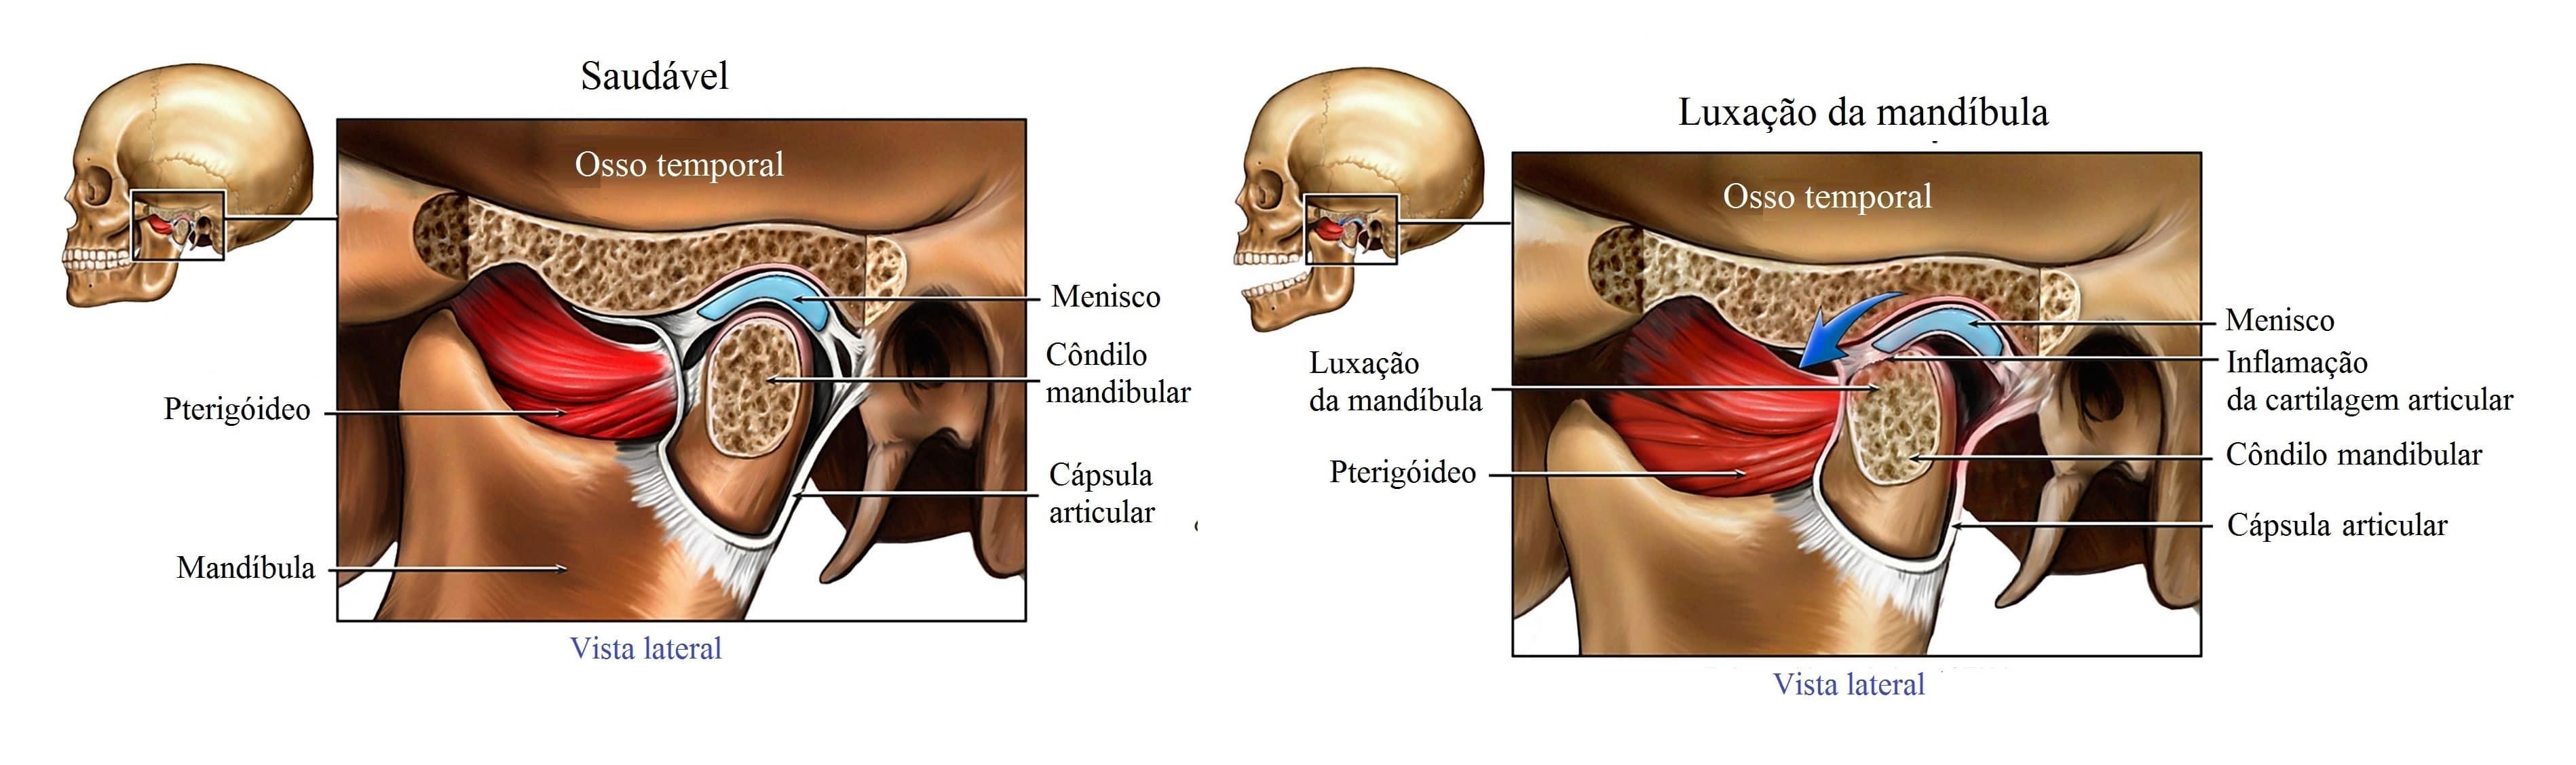 mandíbula,articulação,luxação